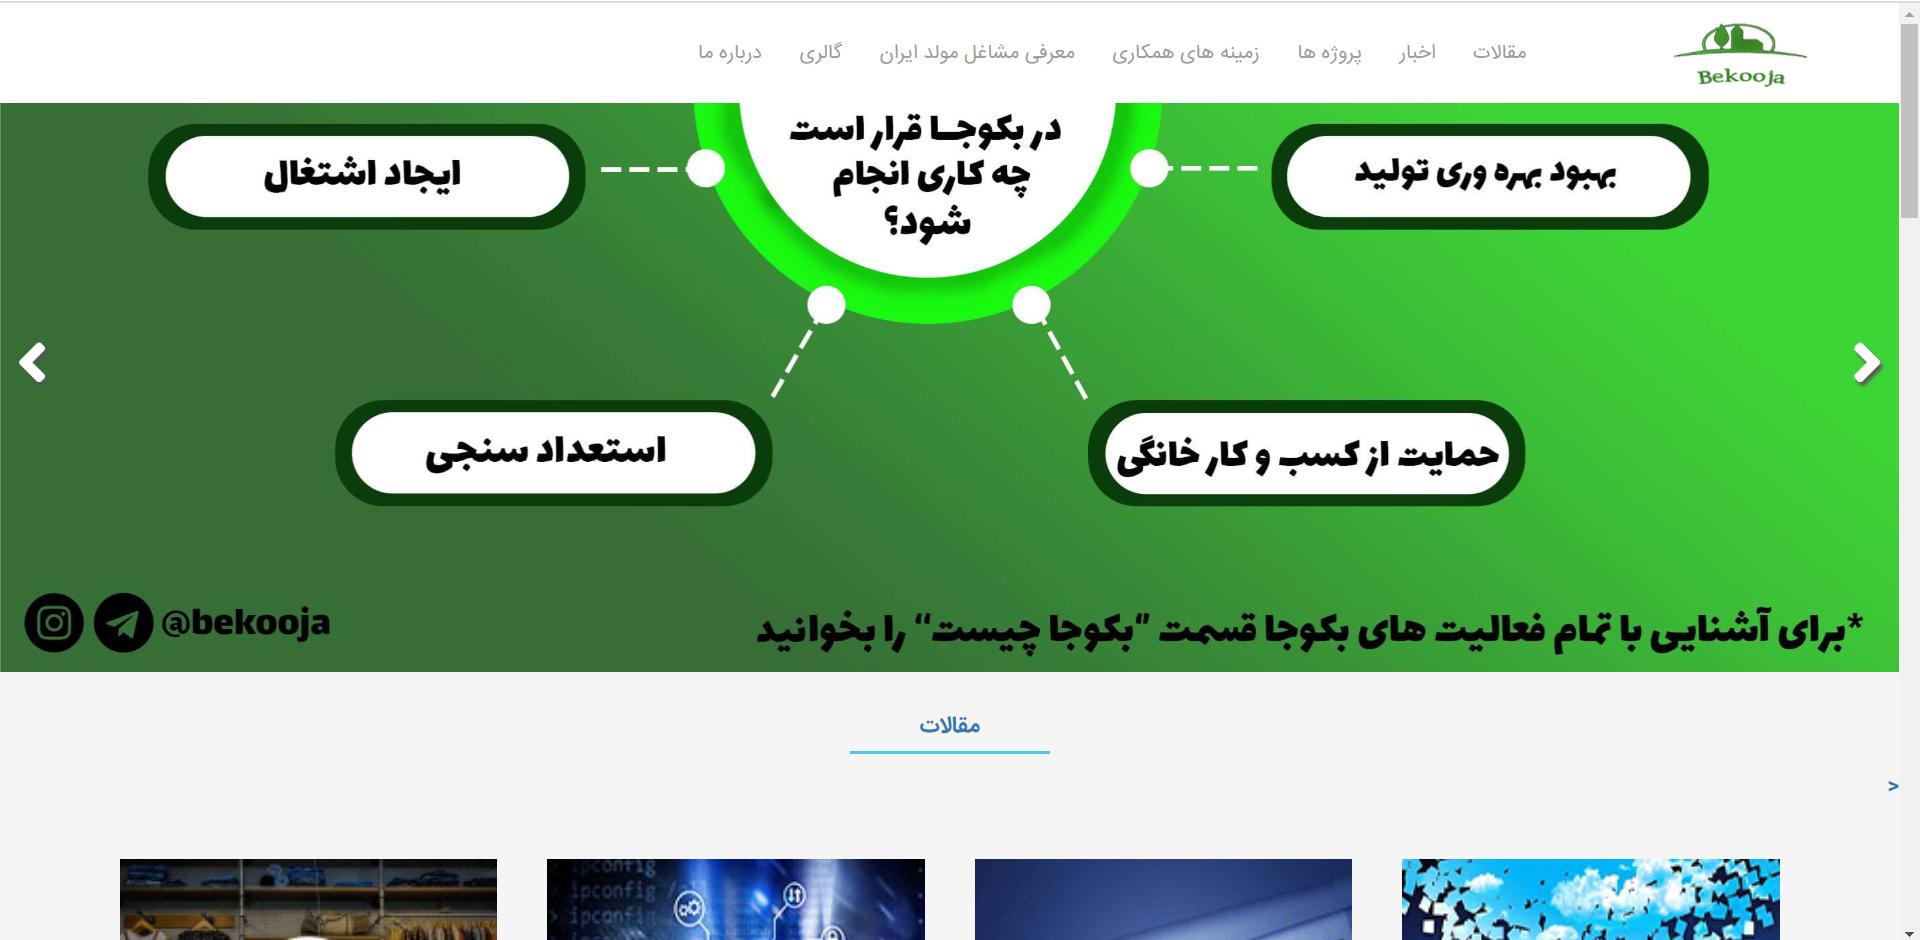 صفحه اصلی سایت بکوجا